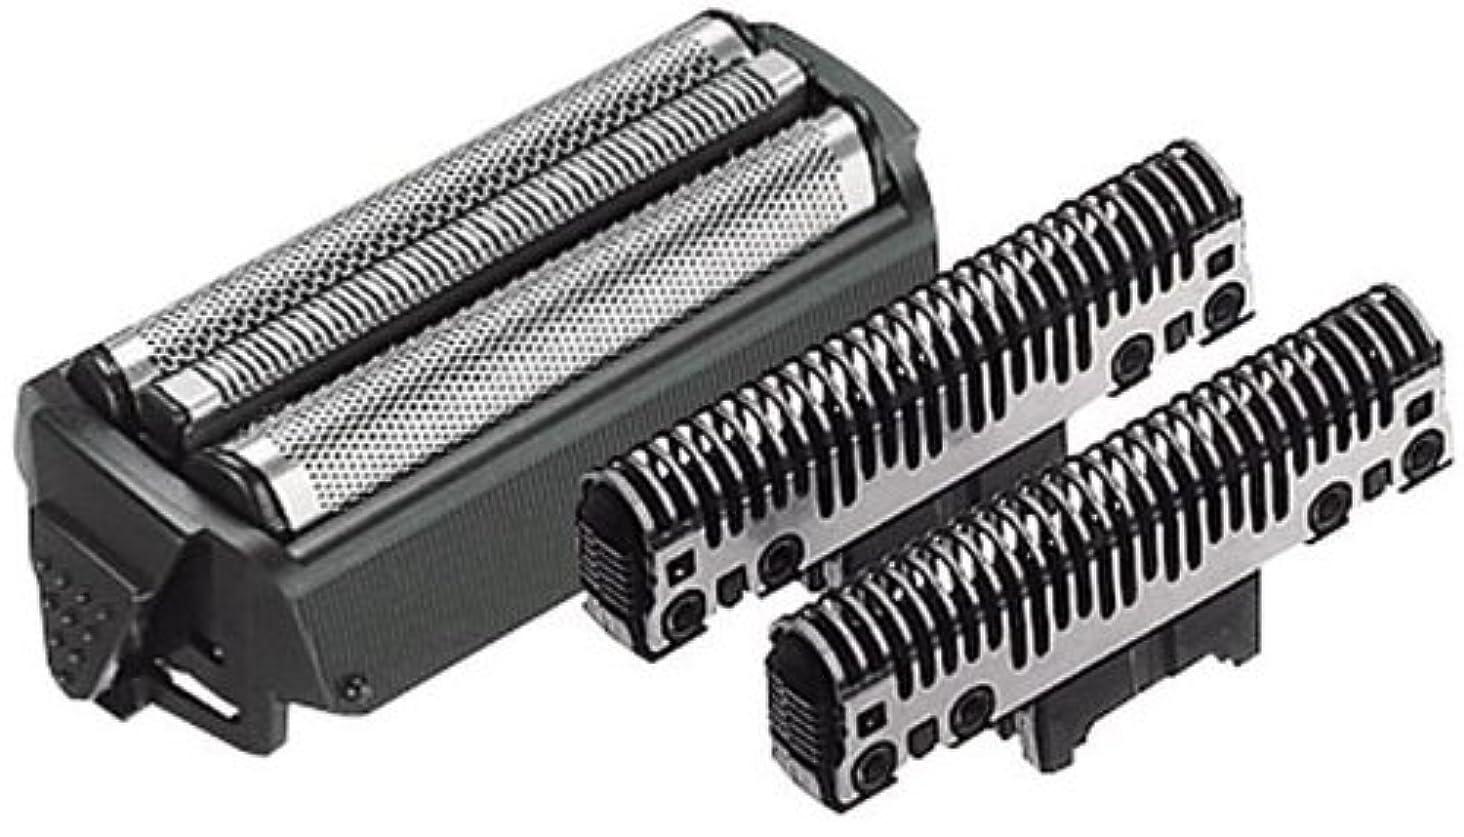 誓約嘆く忠実なパナソニック 替刃 メンズシェーバー用 セット刃 ES9008